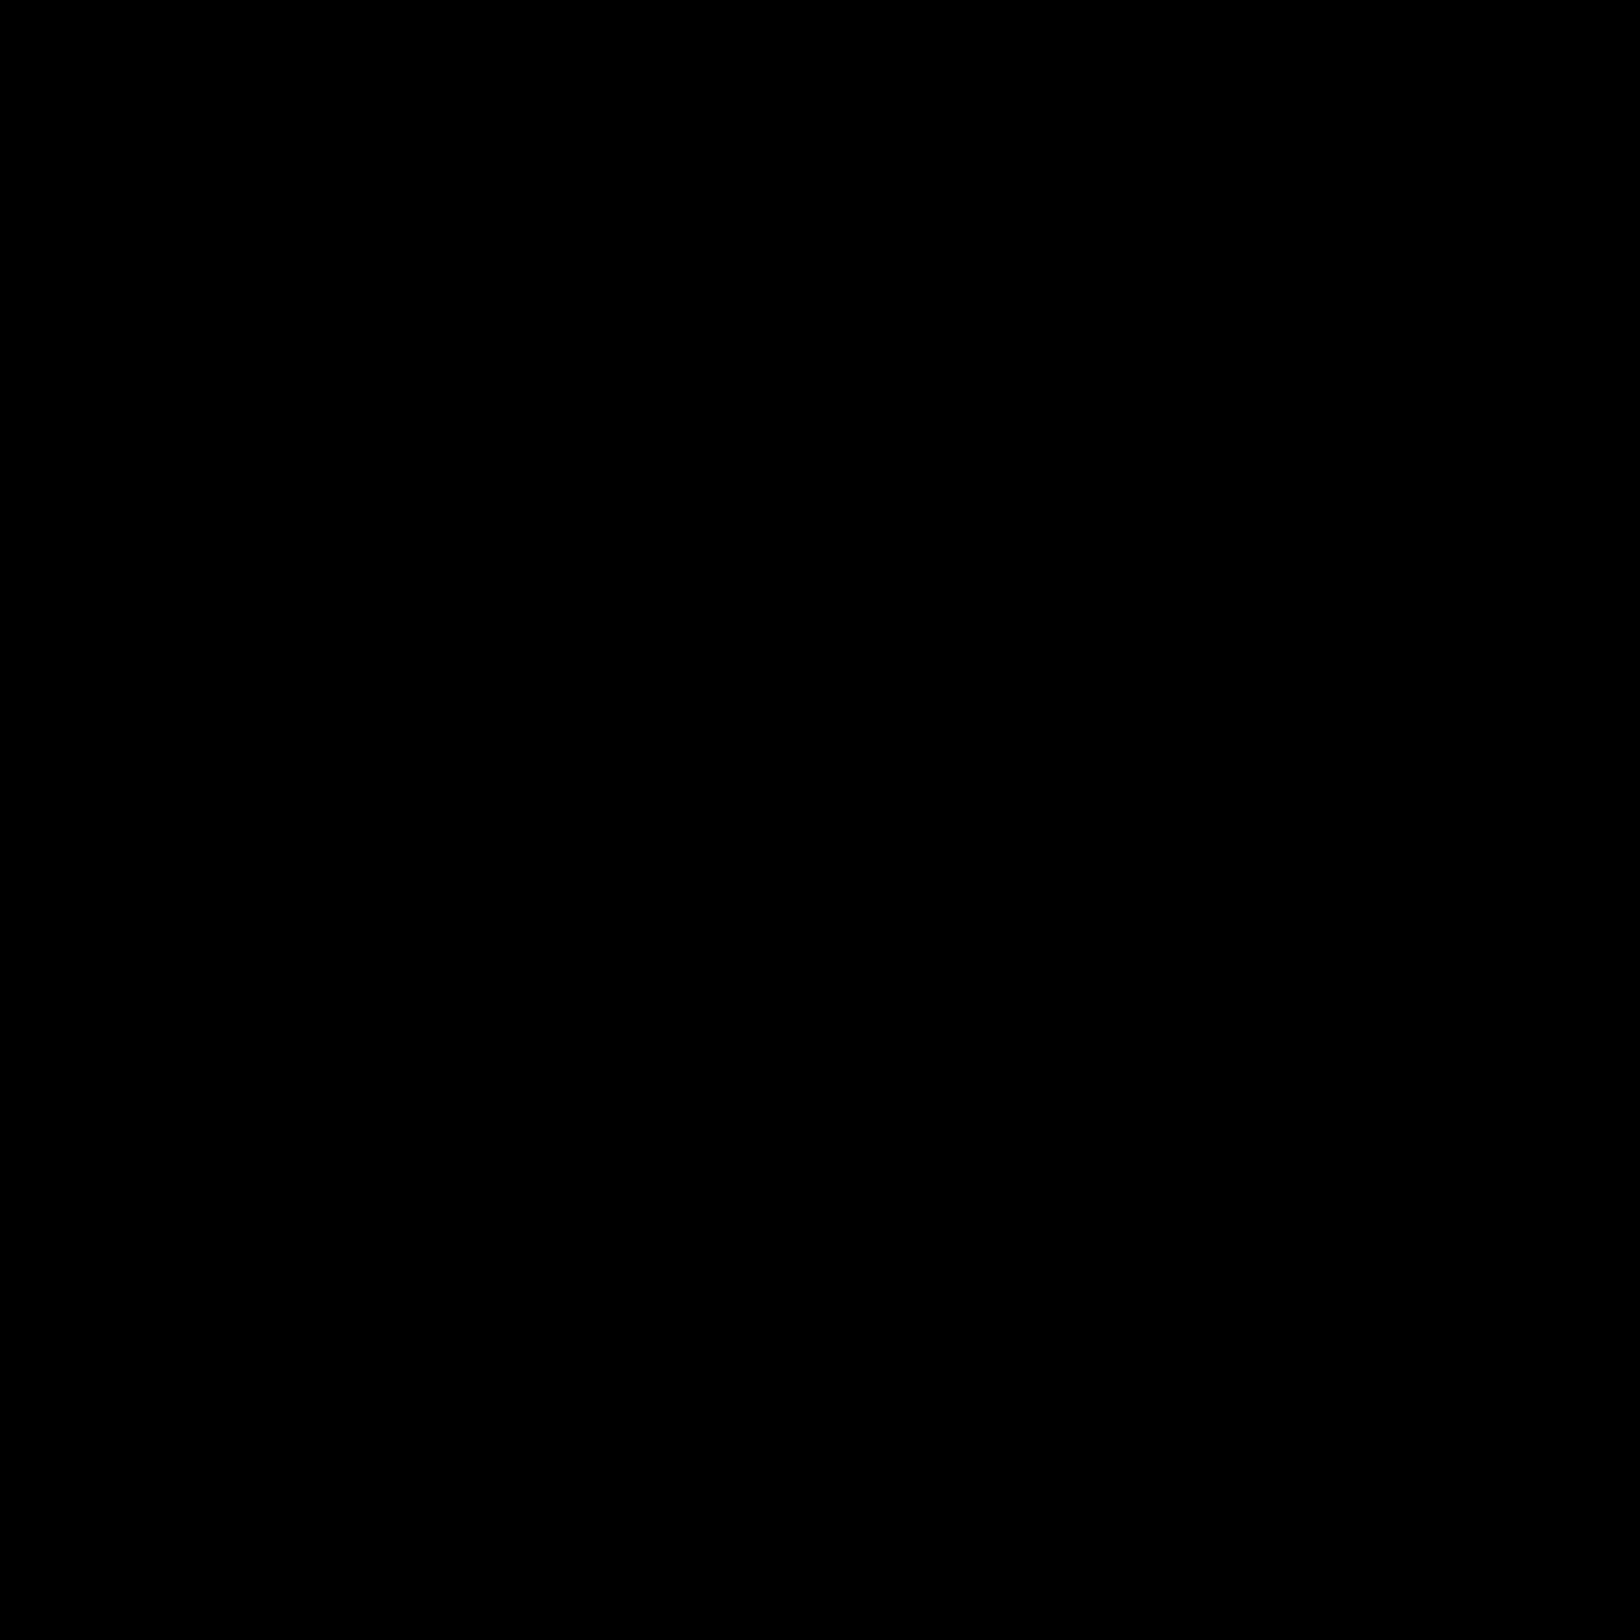 Asset-46